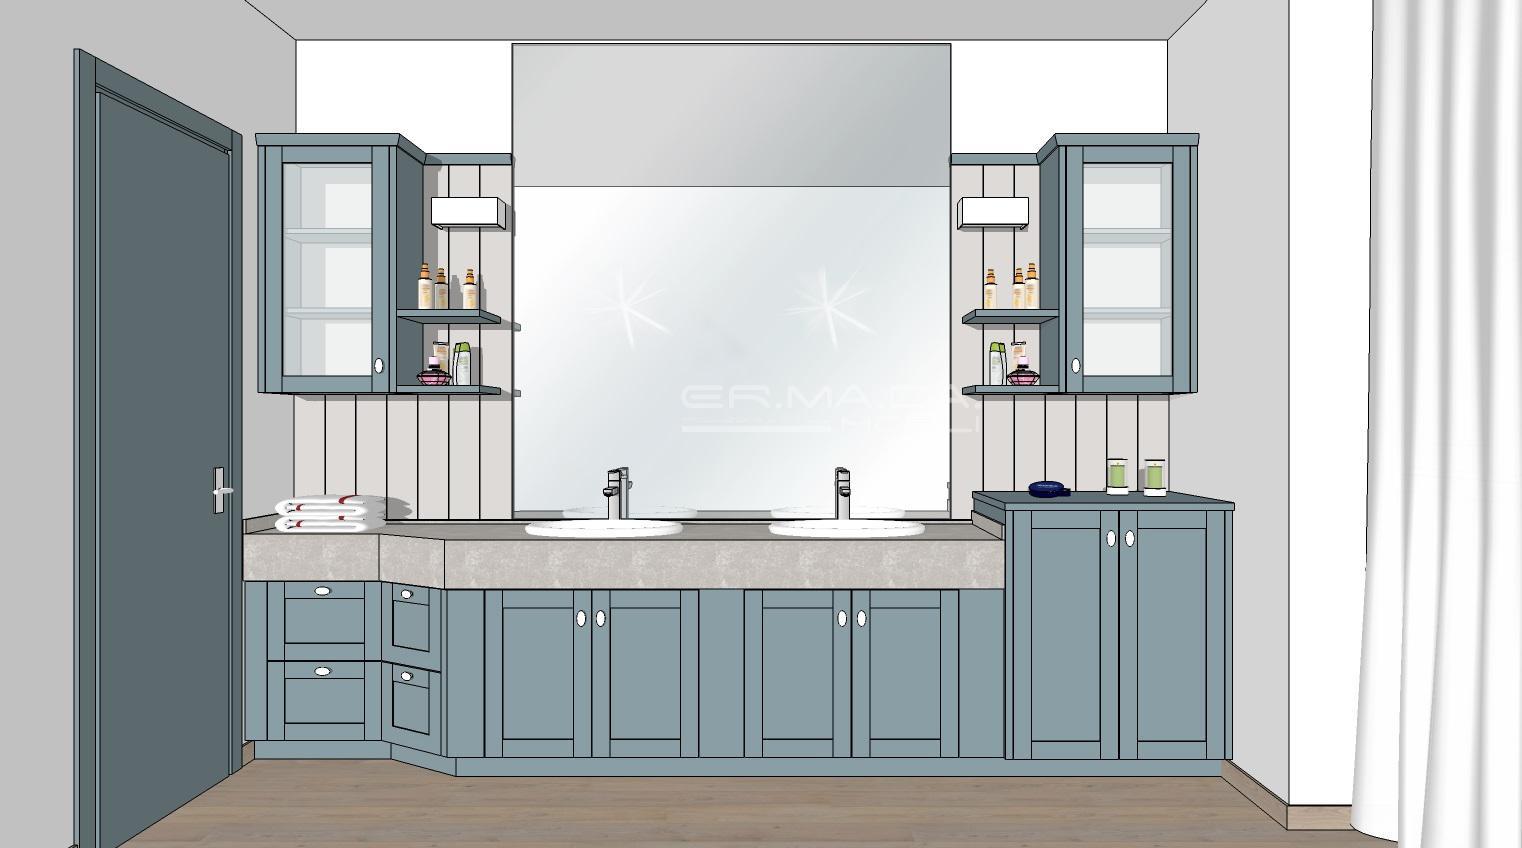 Bagno 5 er ma da mobilificio progetta e costruisce for Progetta i tuoi mobili online